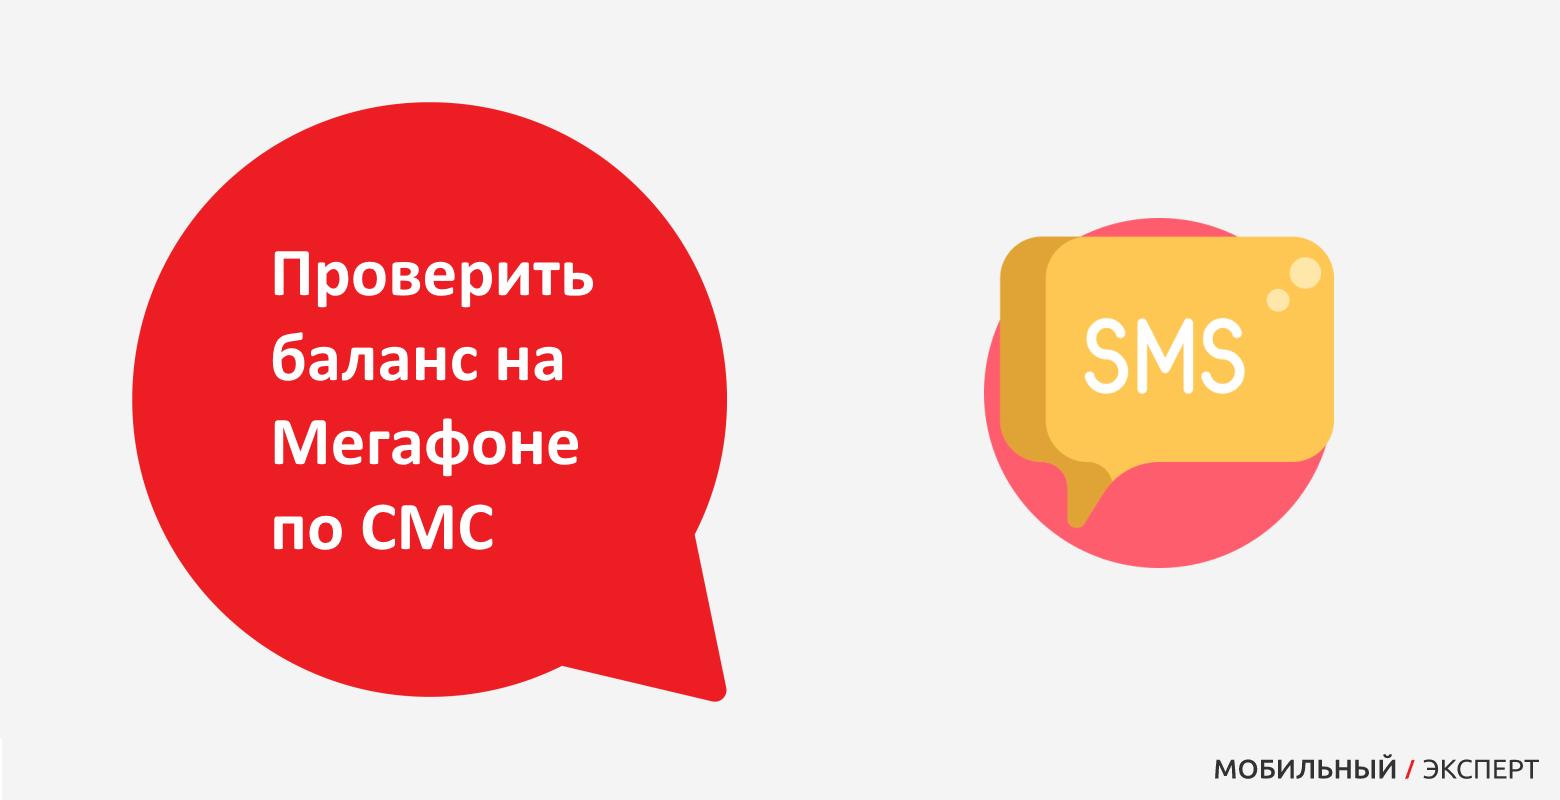 Узнать баланс на Мегафоне по СМС